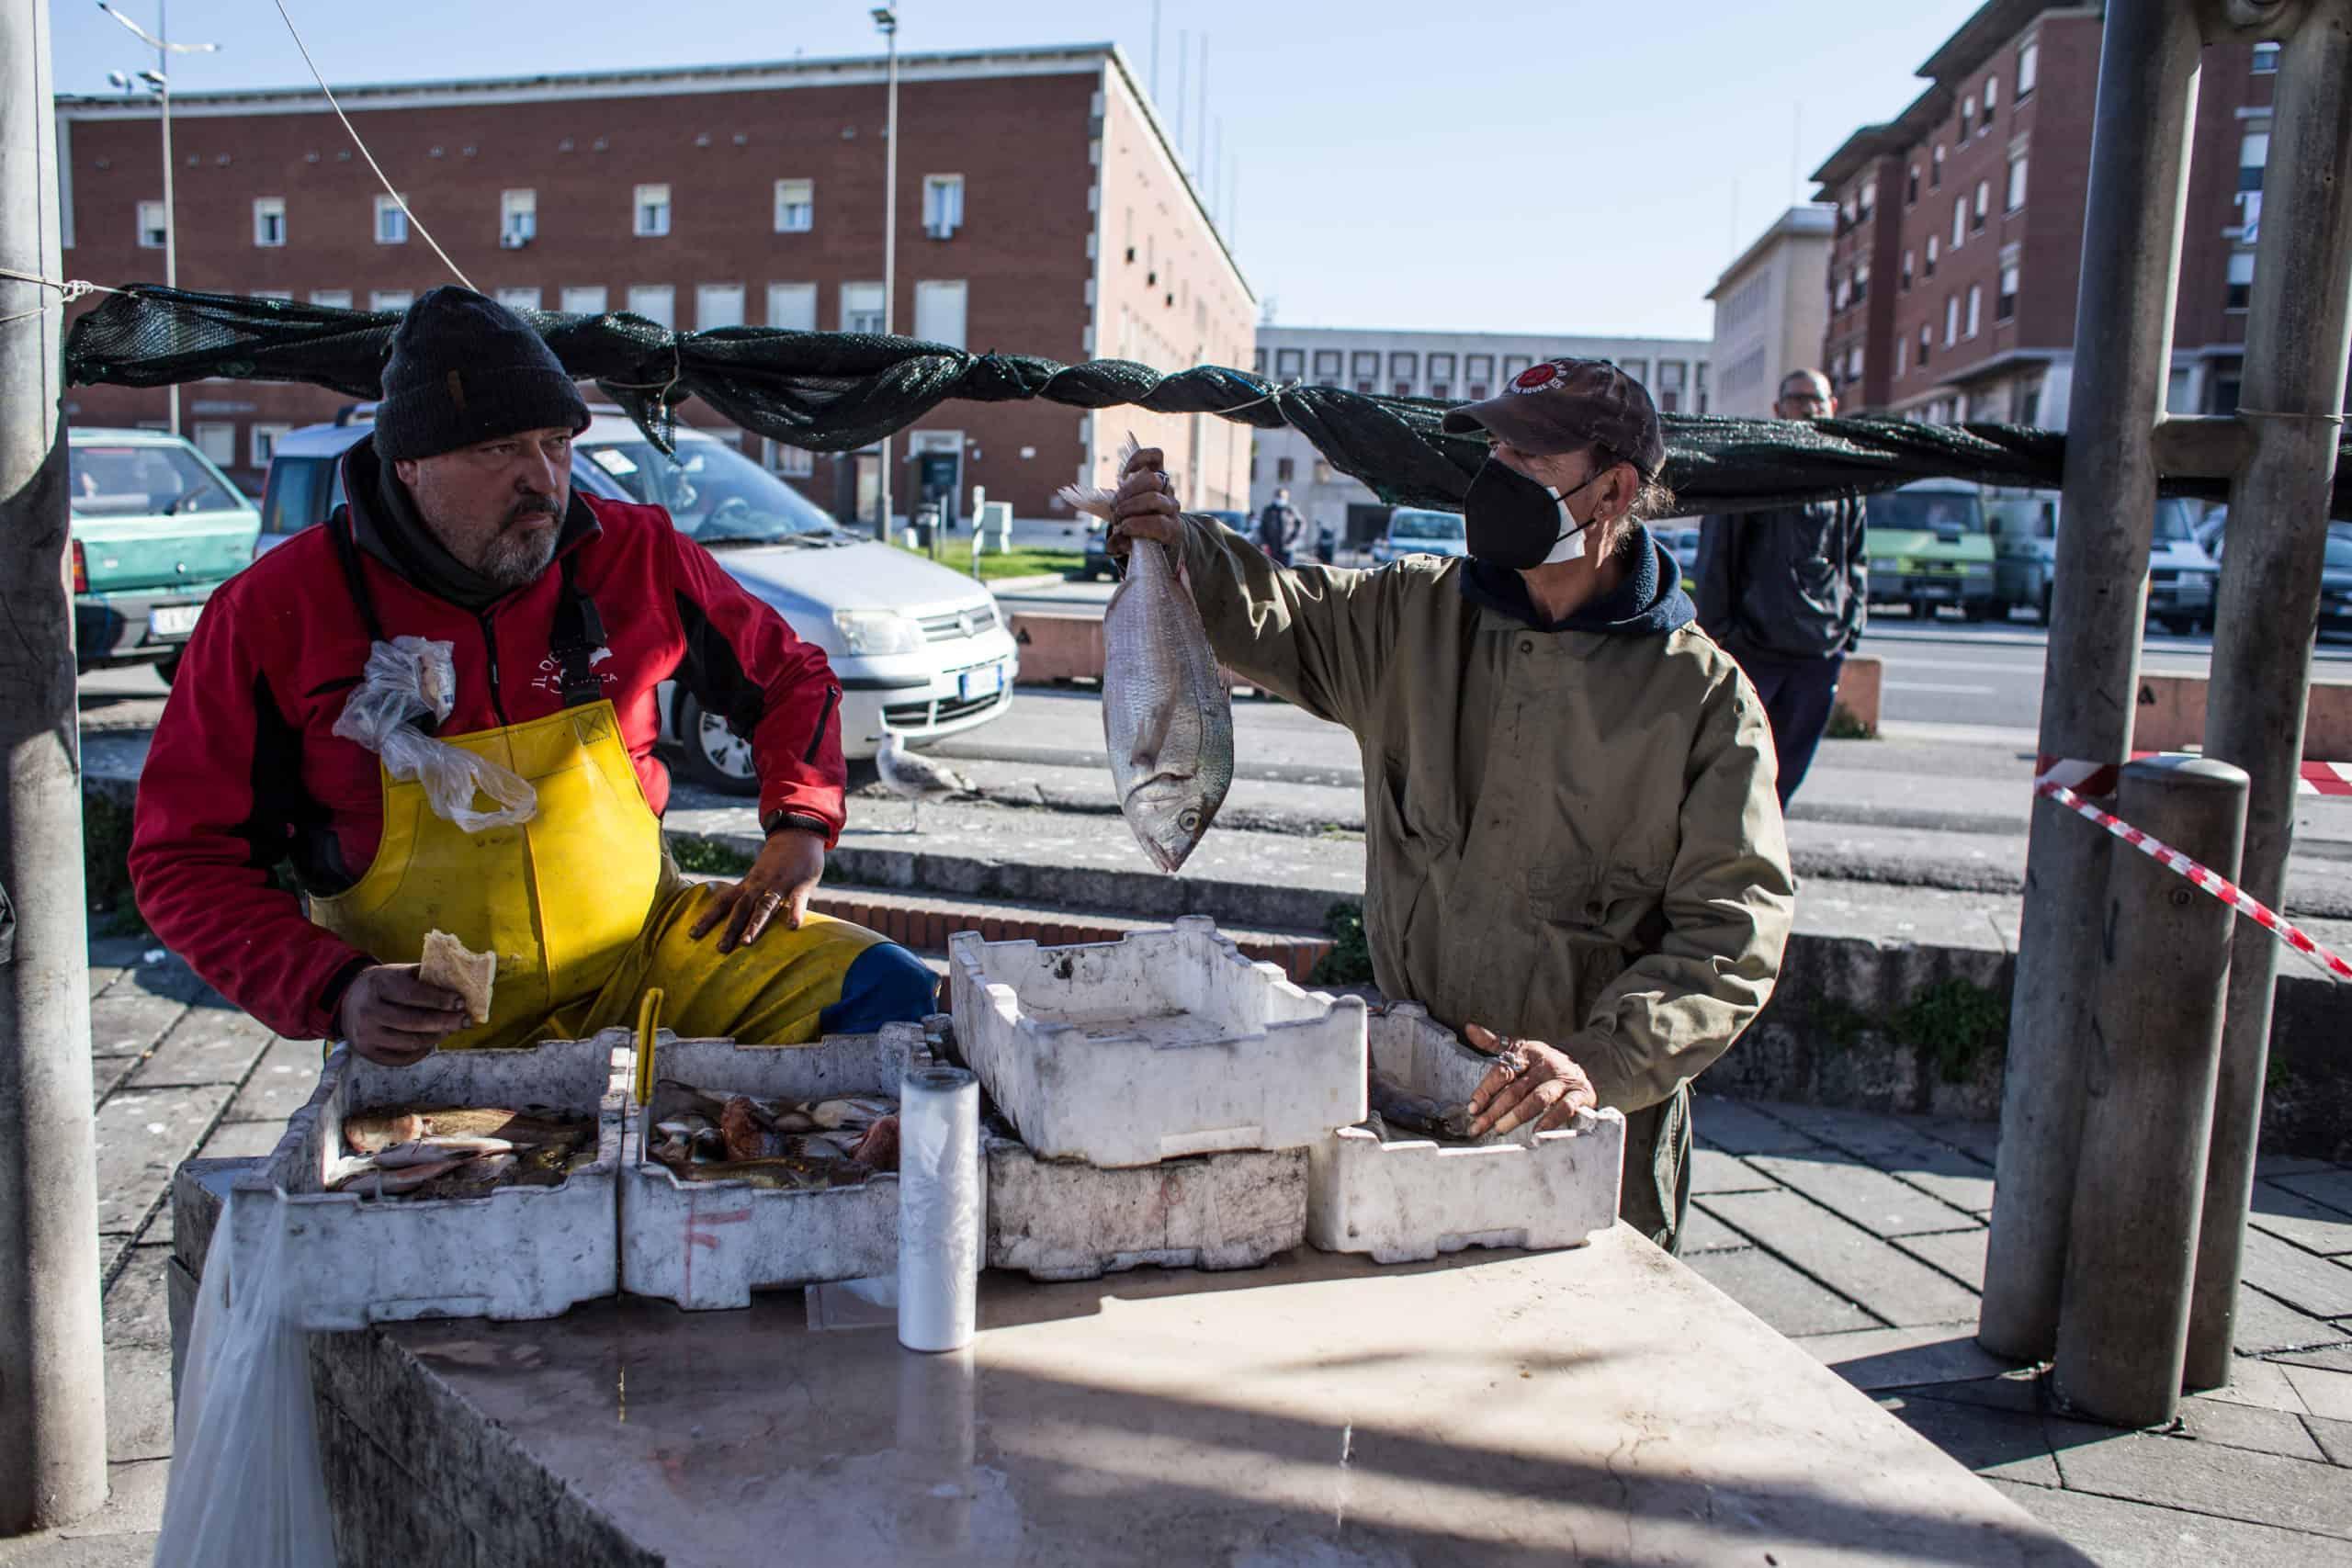 Fischhändler in Livorno (© Giacomo Sini)